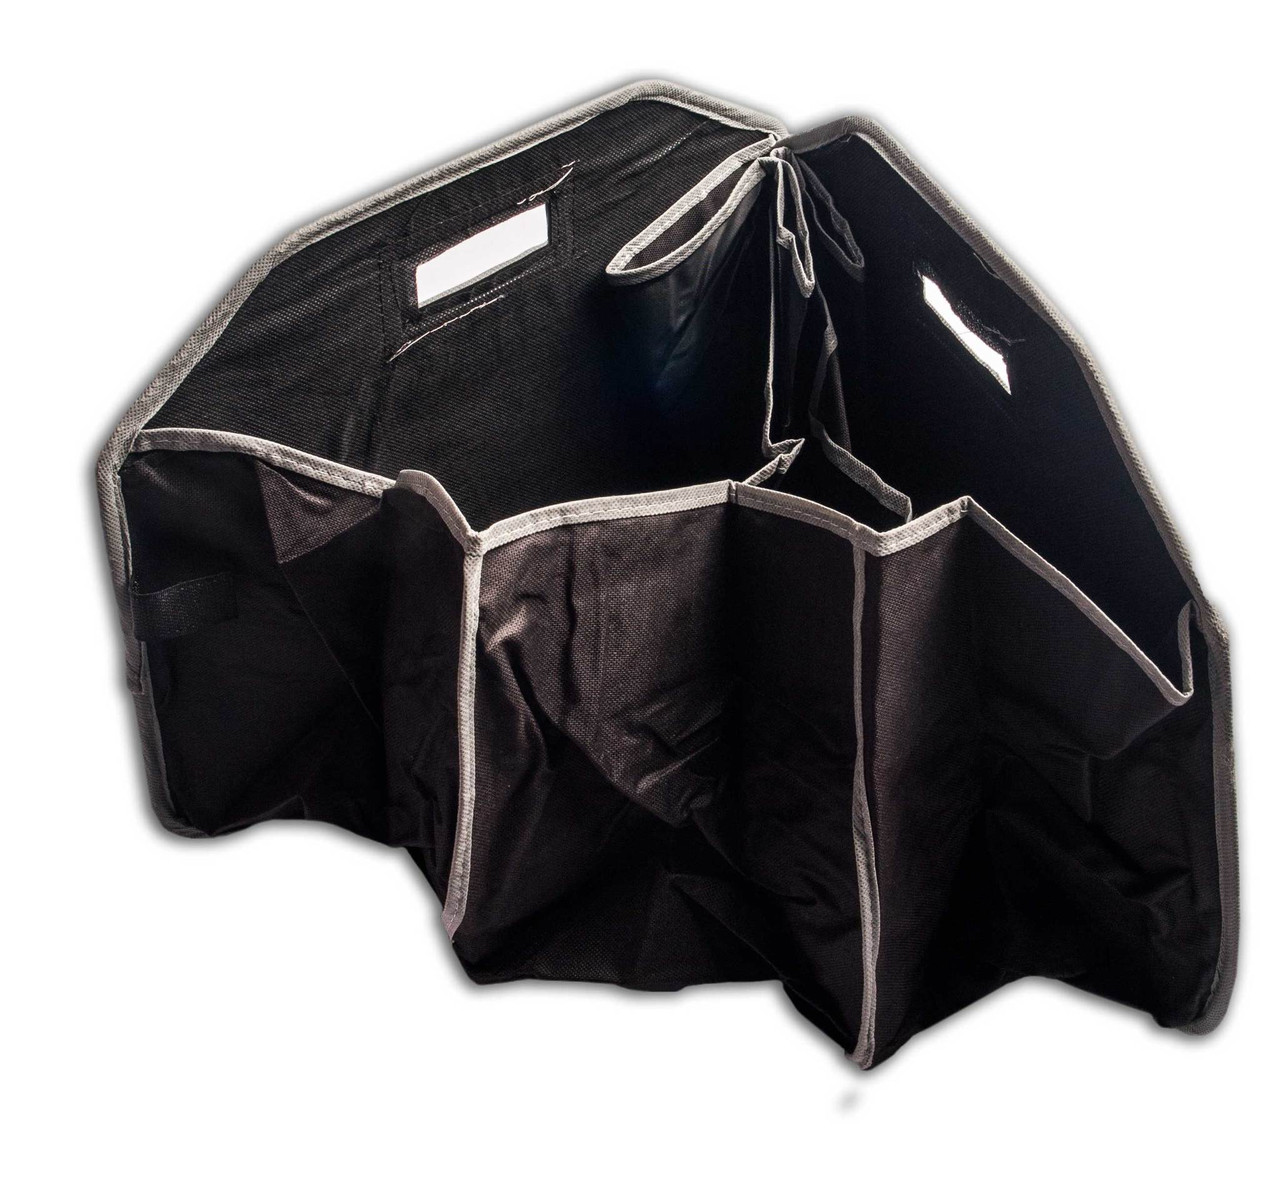 Авто органайзер-сумка для багажника + термосумка Edge Home